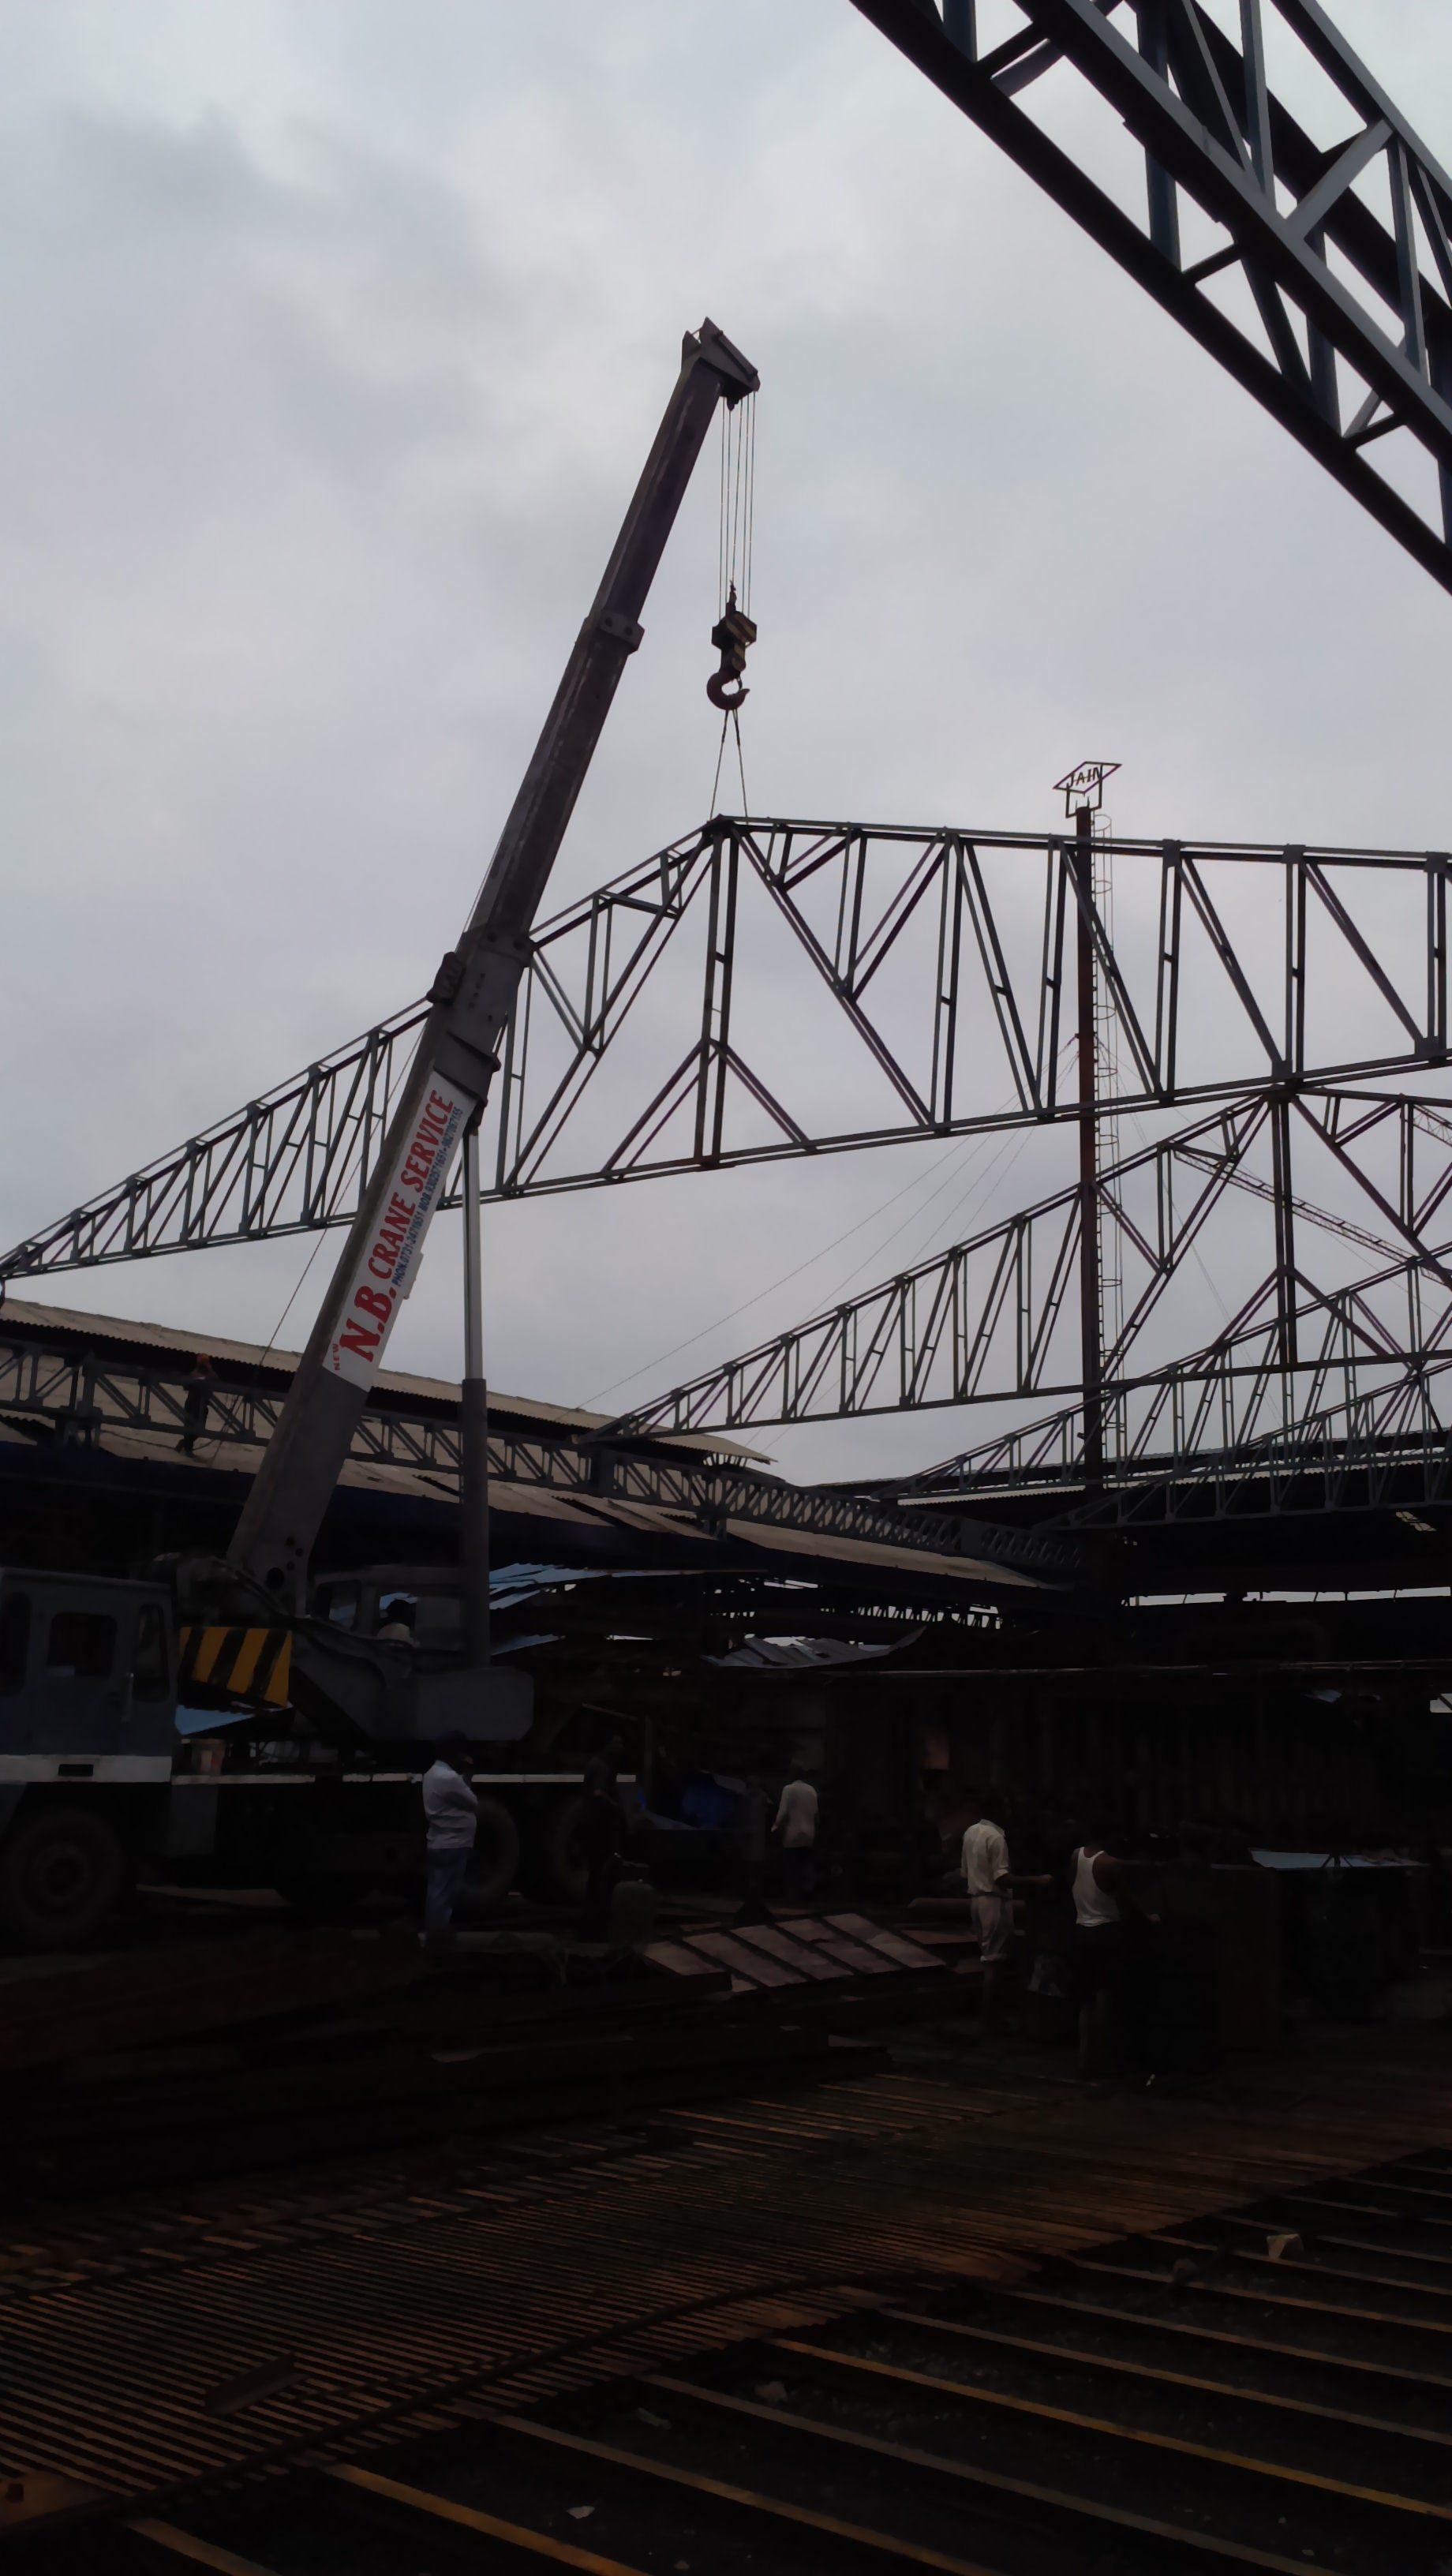 Heavy Crane On Hire